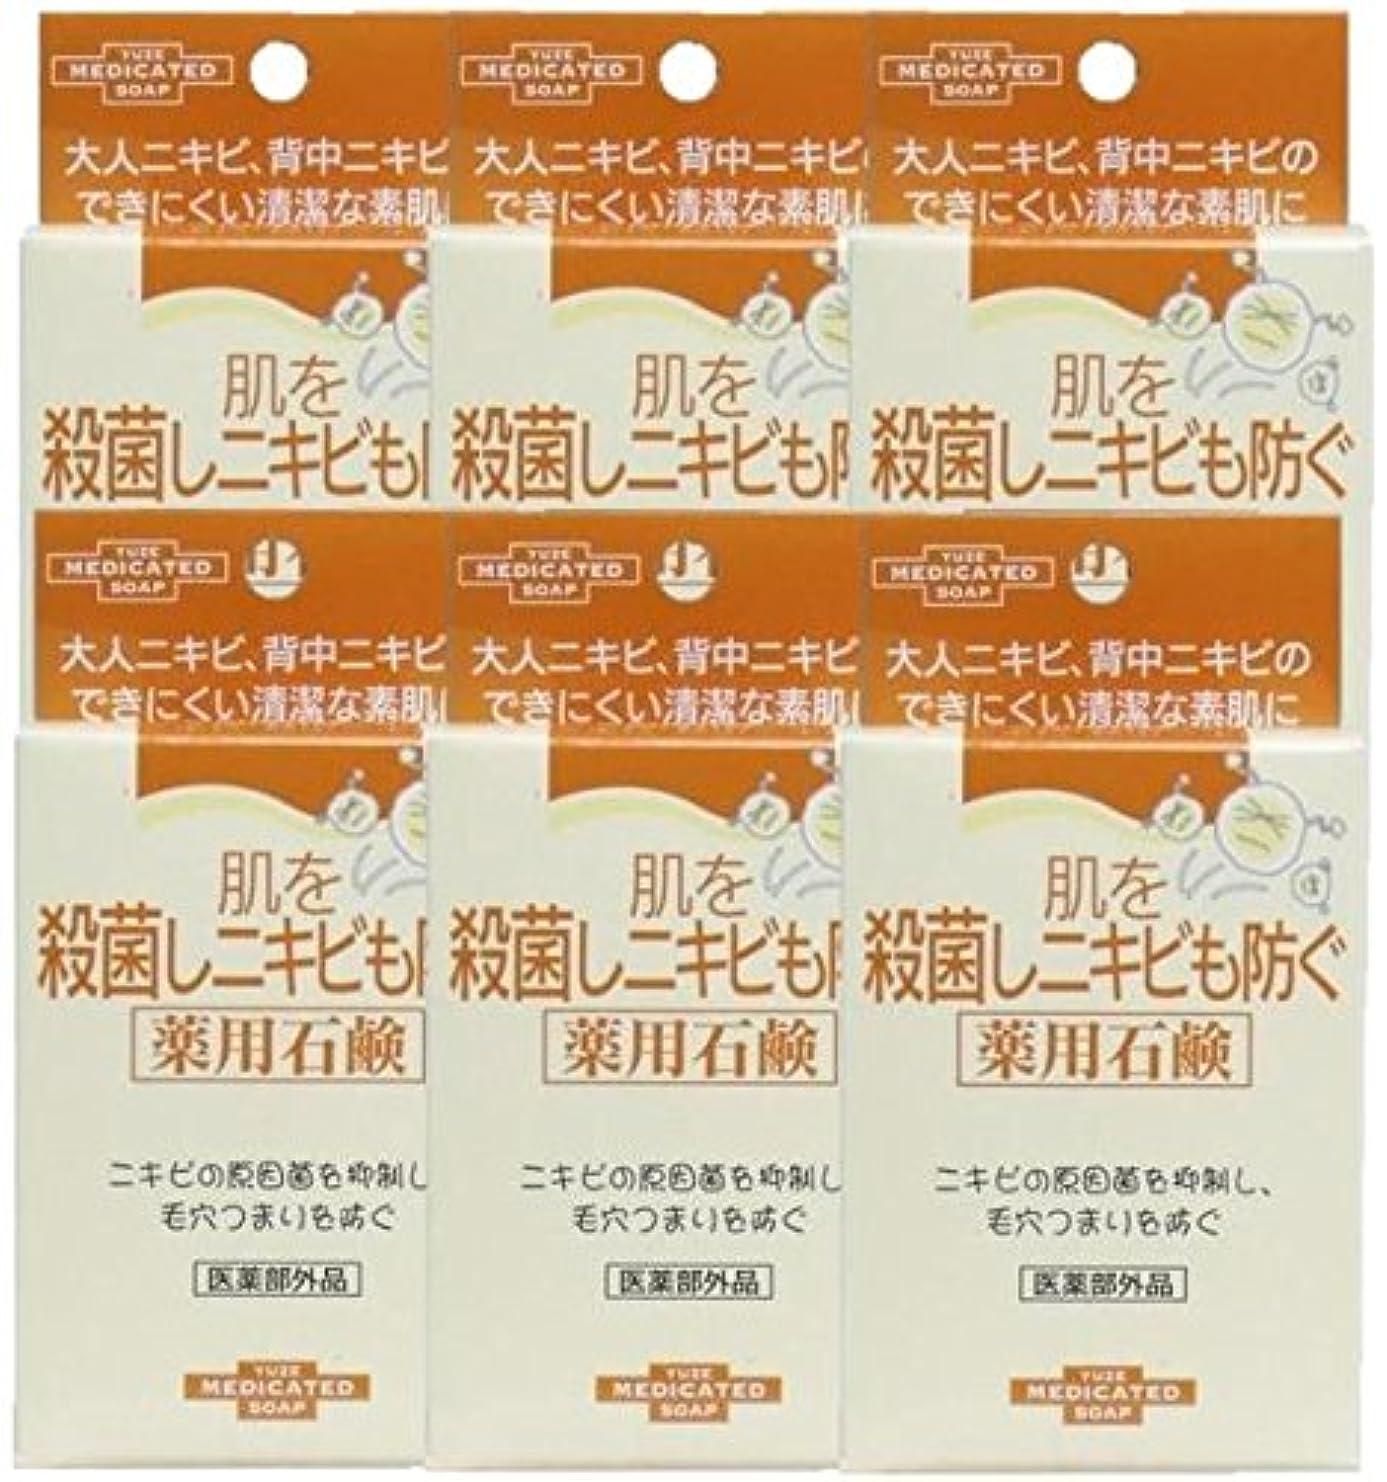 クラッシュ備品ペチュランスユゼ 肌を殺菌しニキビも防ぐ薬用石鹸 (110g)×6個セット